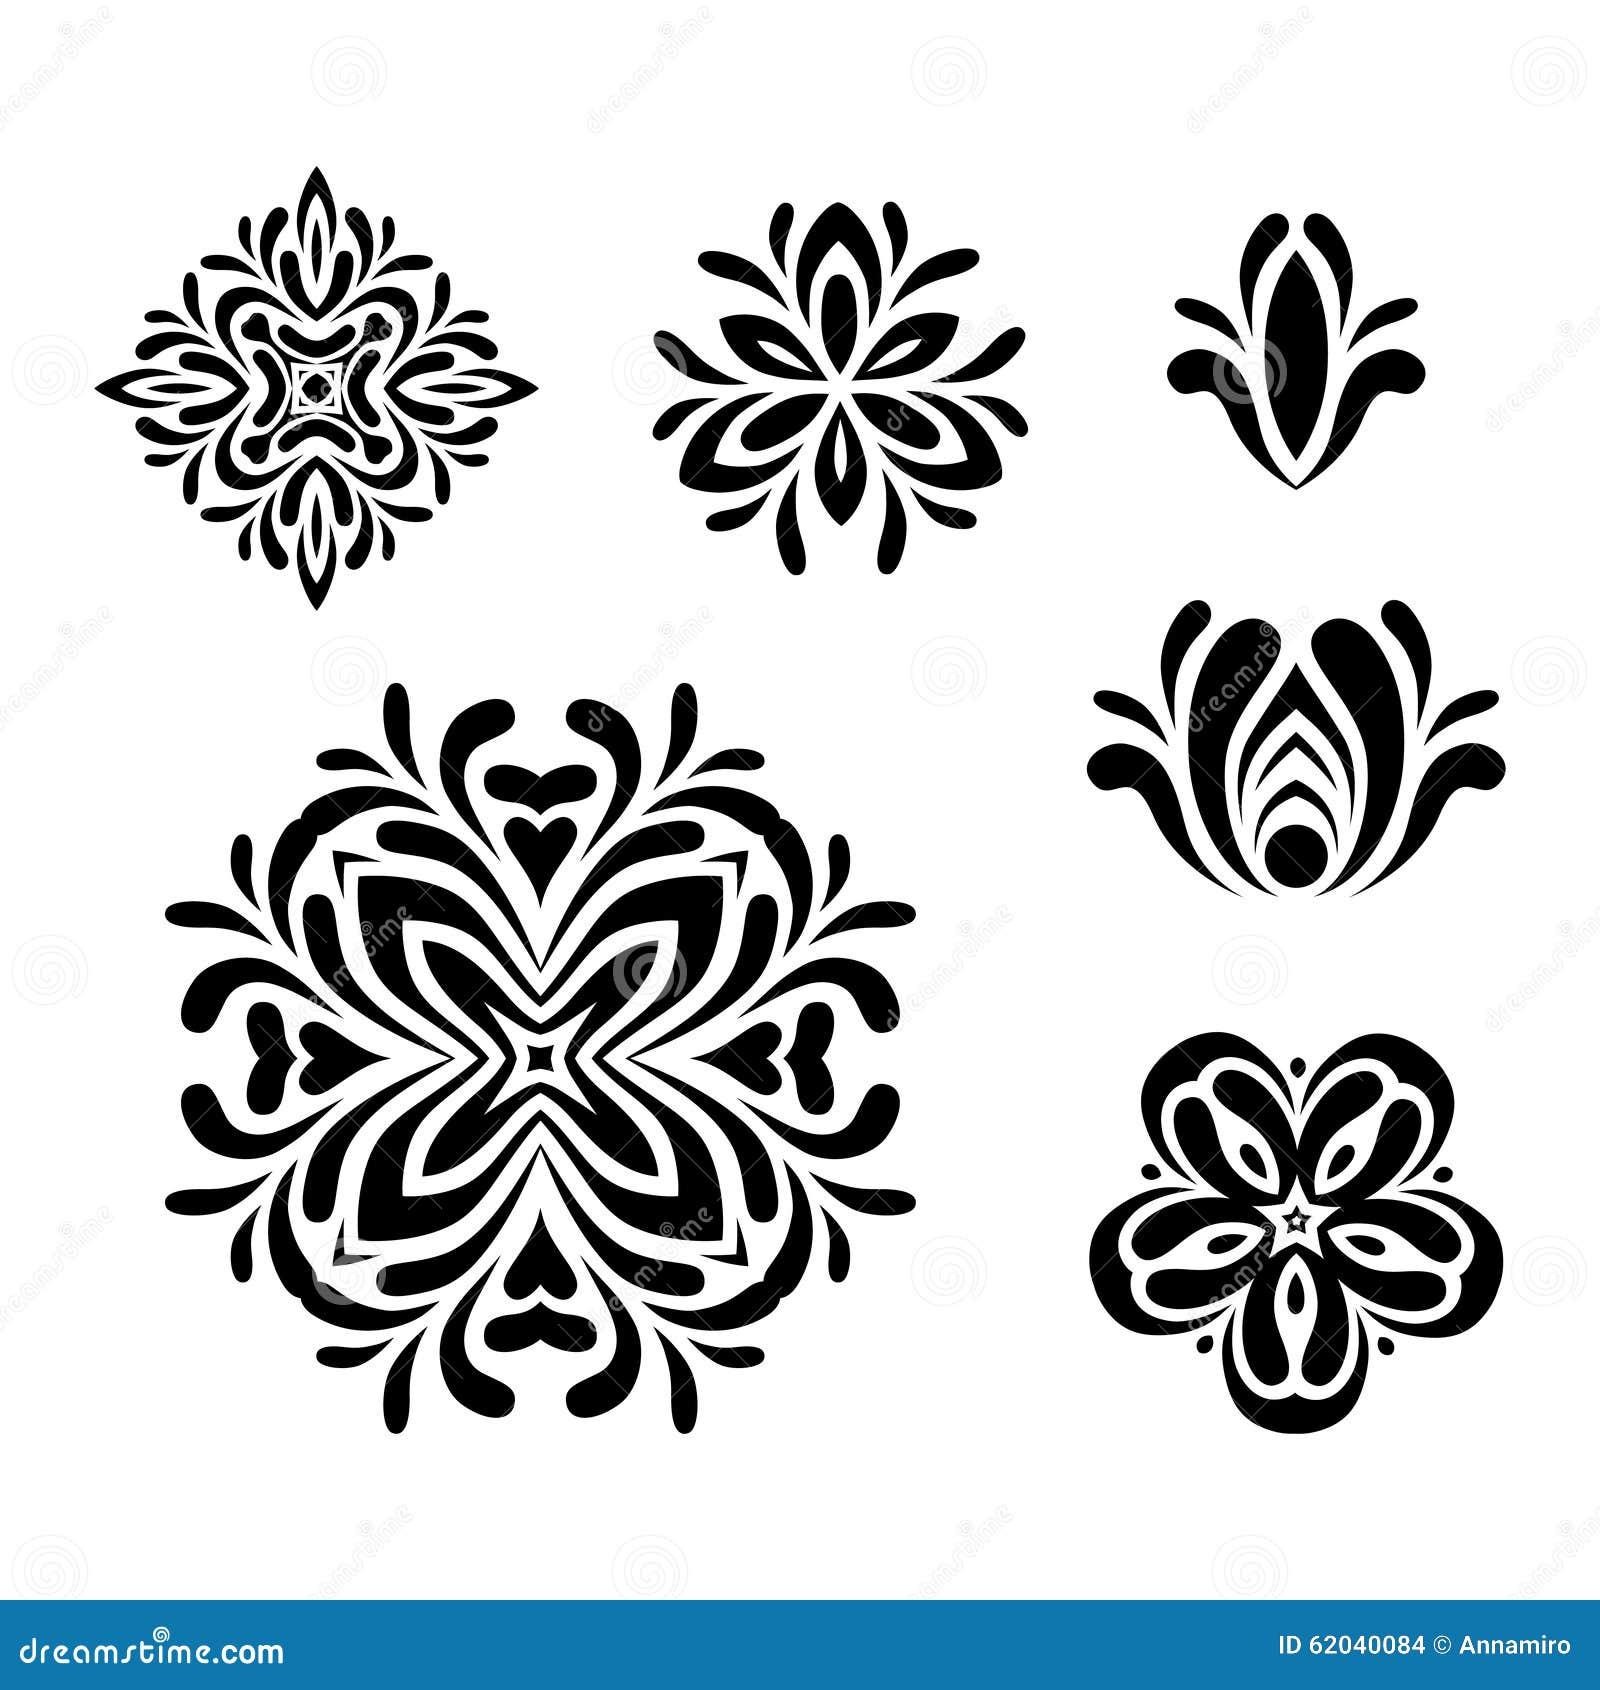 Set Of Black Flower Design Elements Stock Vector: Set Of Graphic Floral Design Elements. Stock Vector